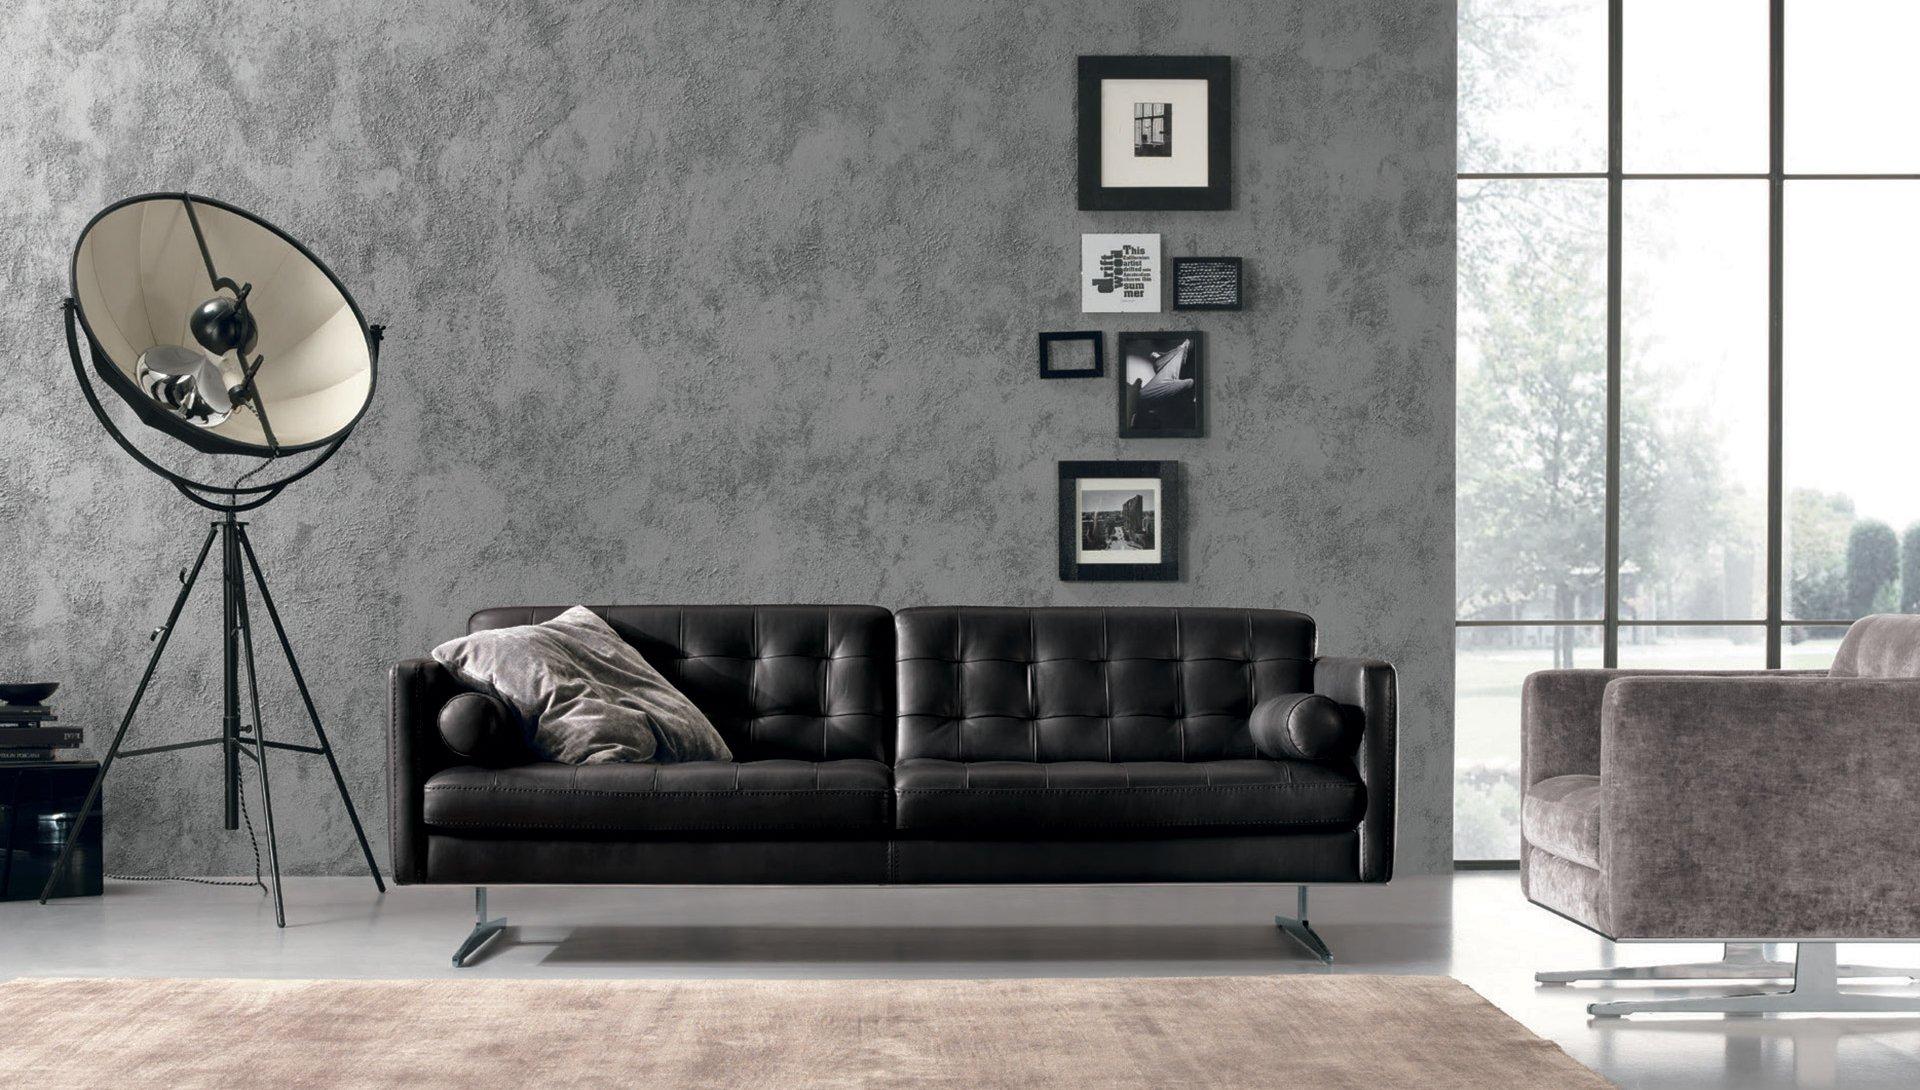 Divano gran torino scheda informazioni divano collezione for Casa design torino